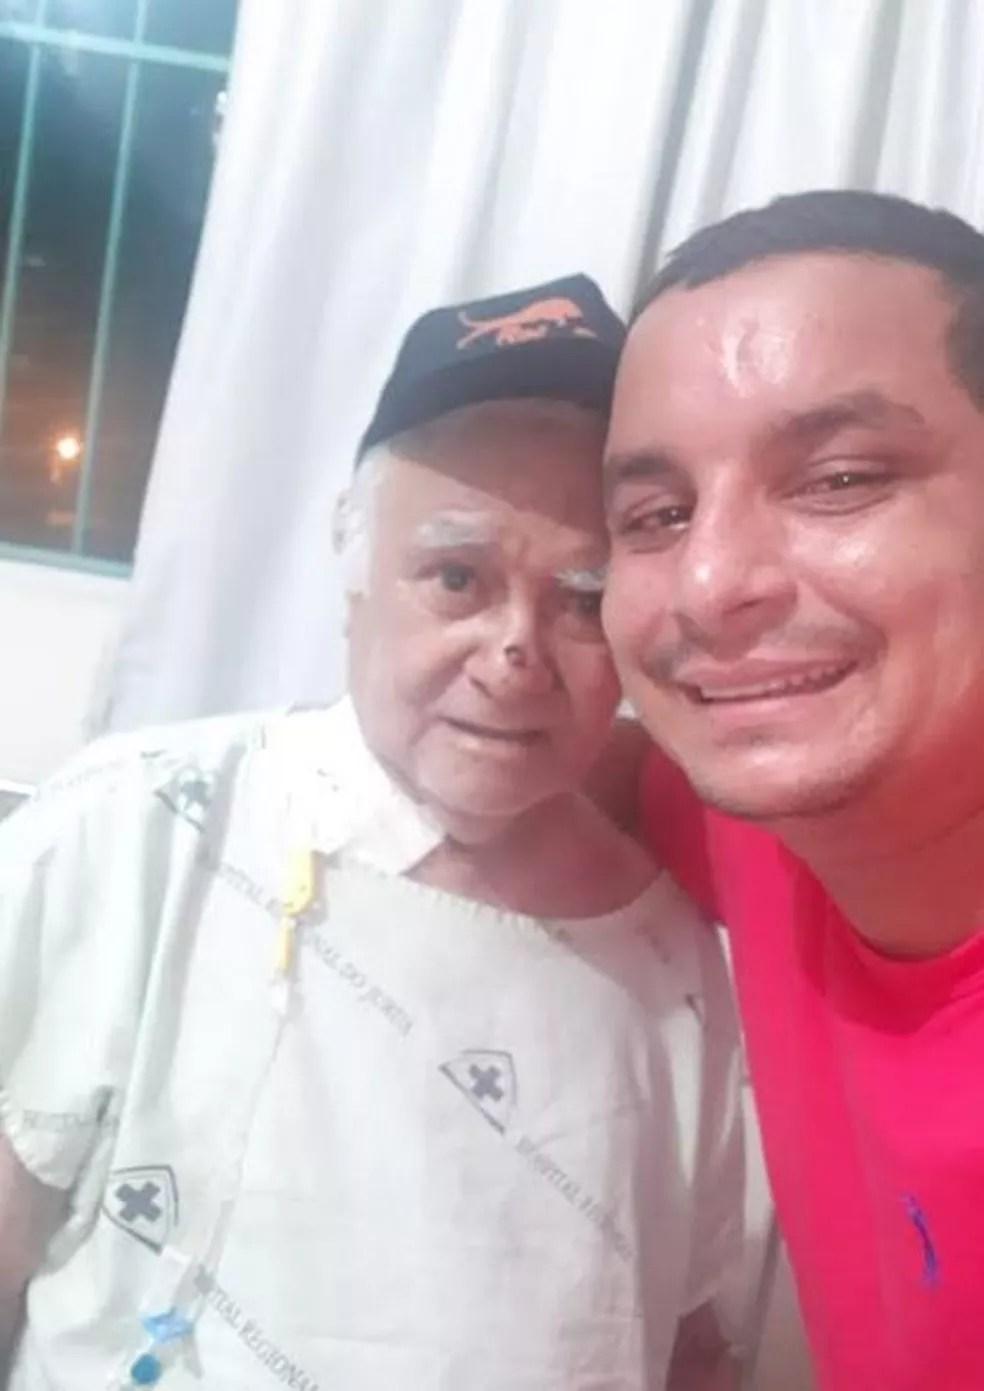 Francisco Pinho está no hospital para cuidar do pai internado com Covid-19 — Foto: cedida